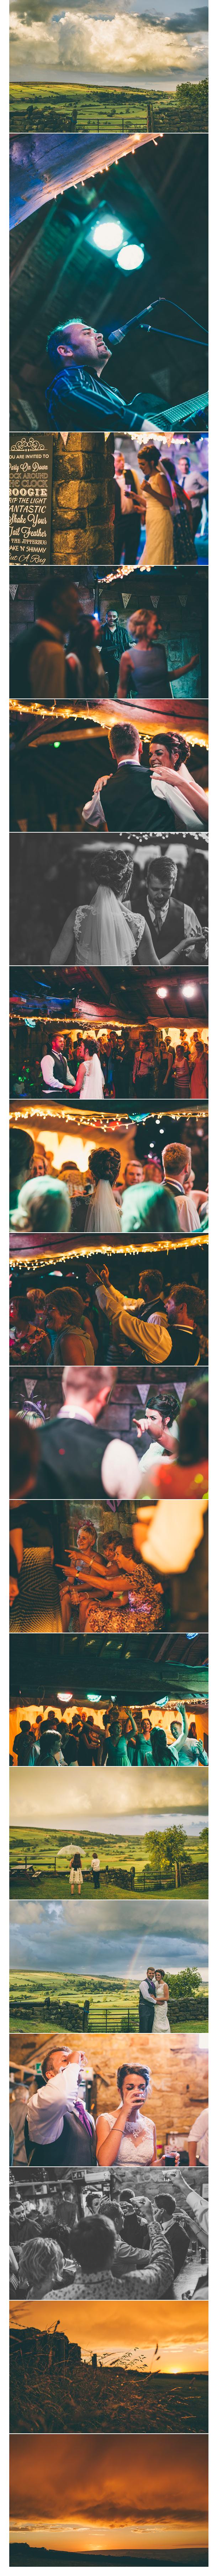 NeilJacksonPhotographicScarboroughYorkYorkshireWeddingPhotographerKirsty&JamesDanbyCastleWhitbyWeddingBlog6